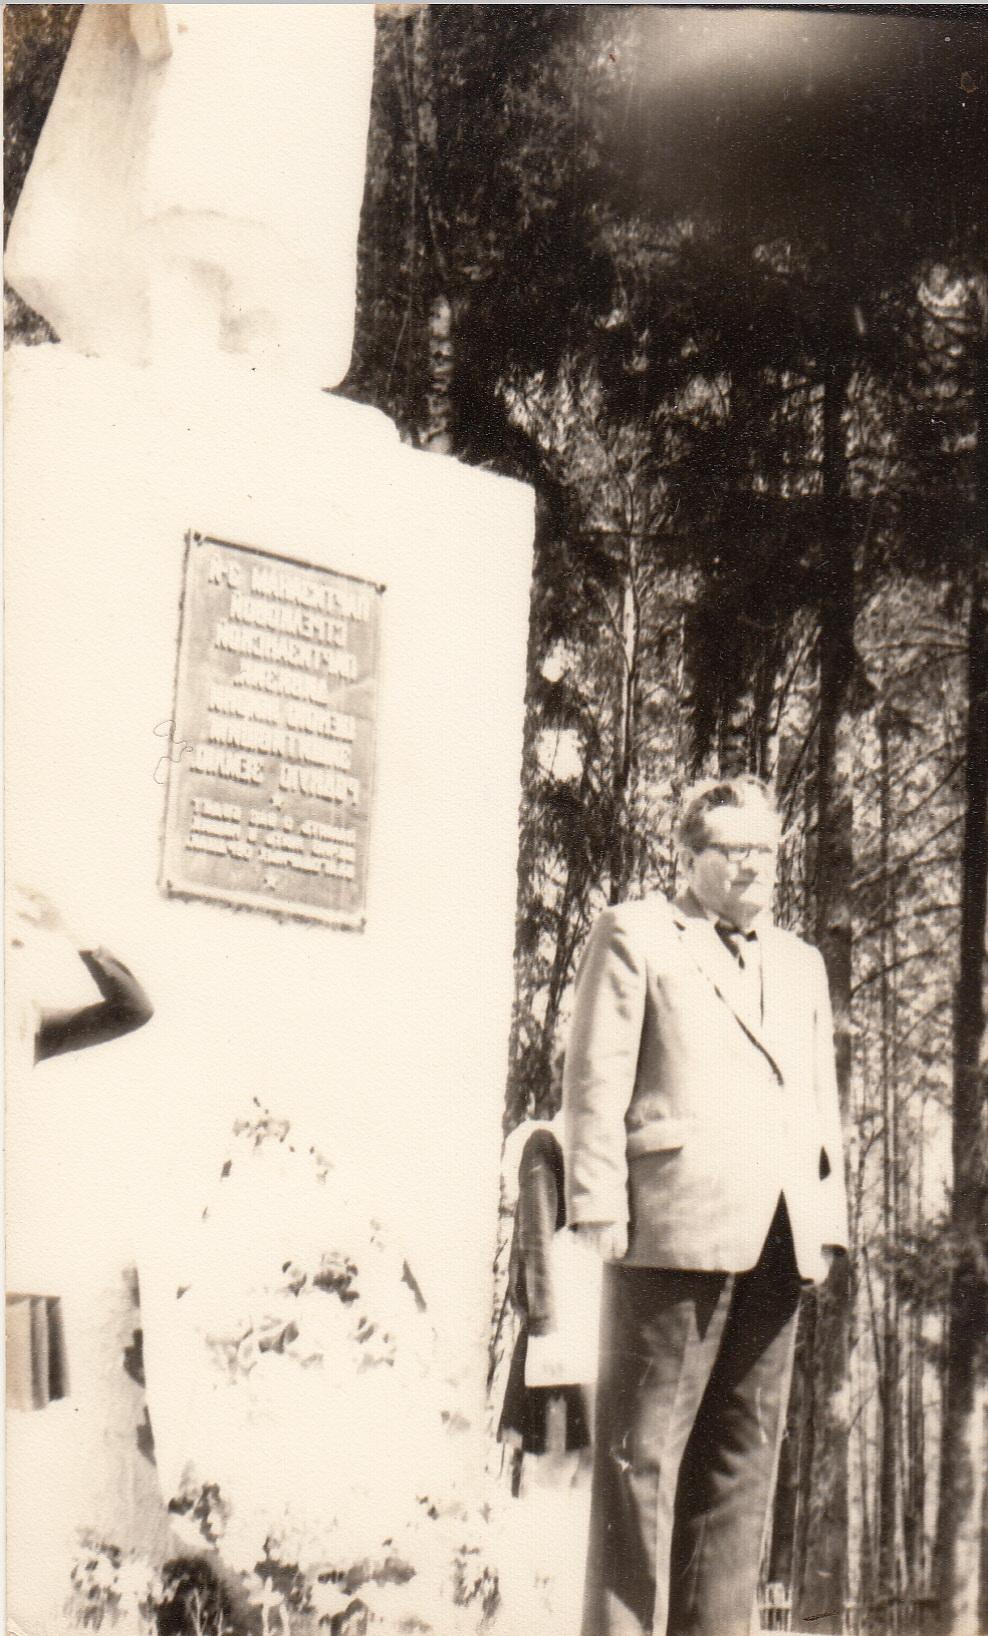 фото Галюги у памятника 3 парт.дивизии (1)